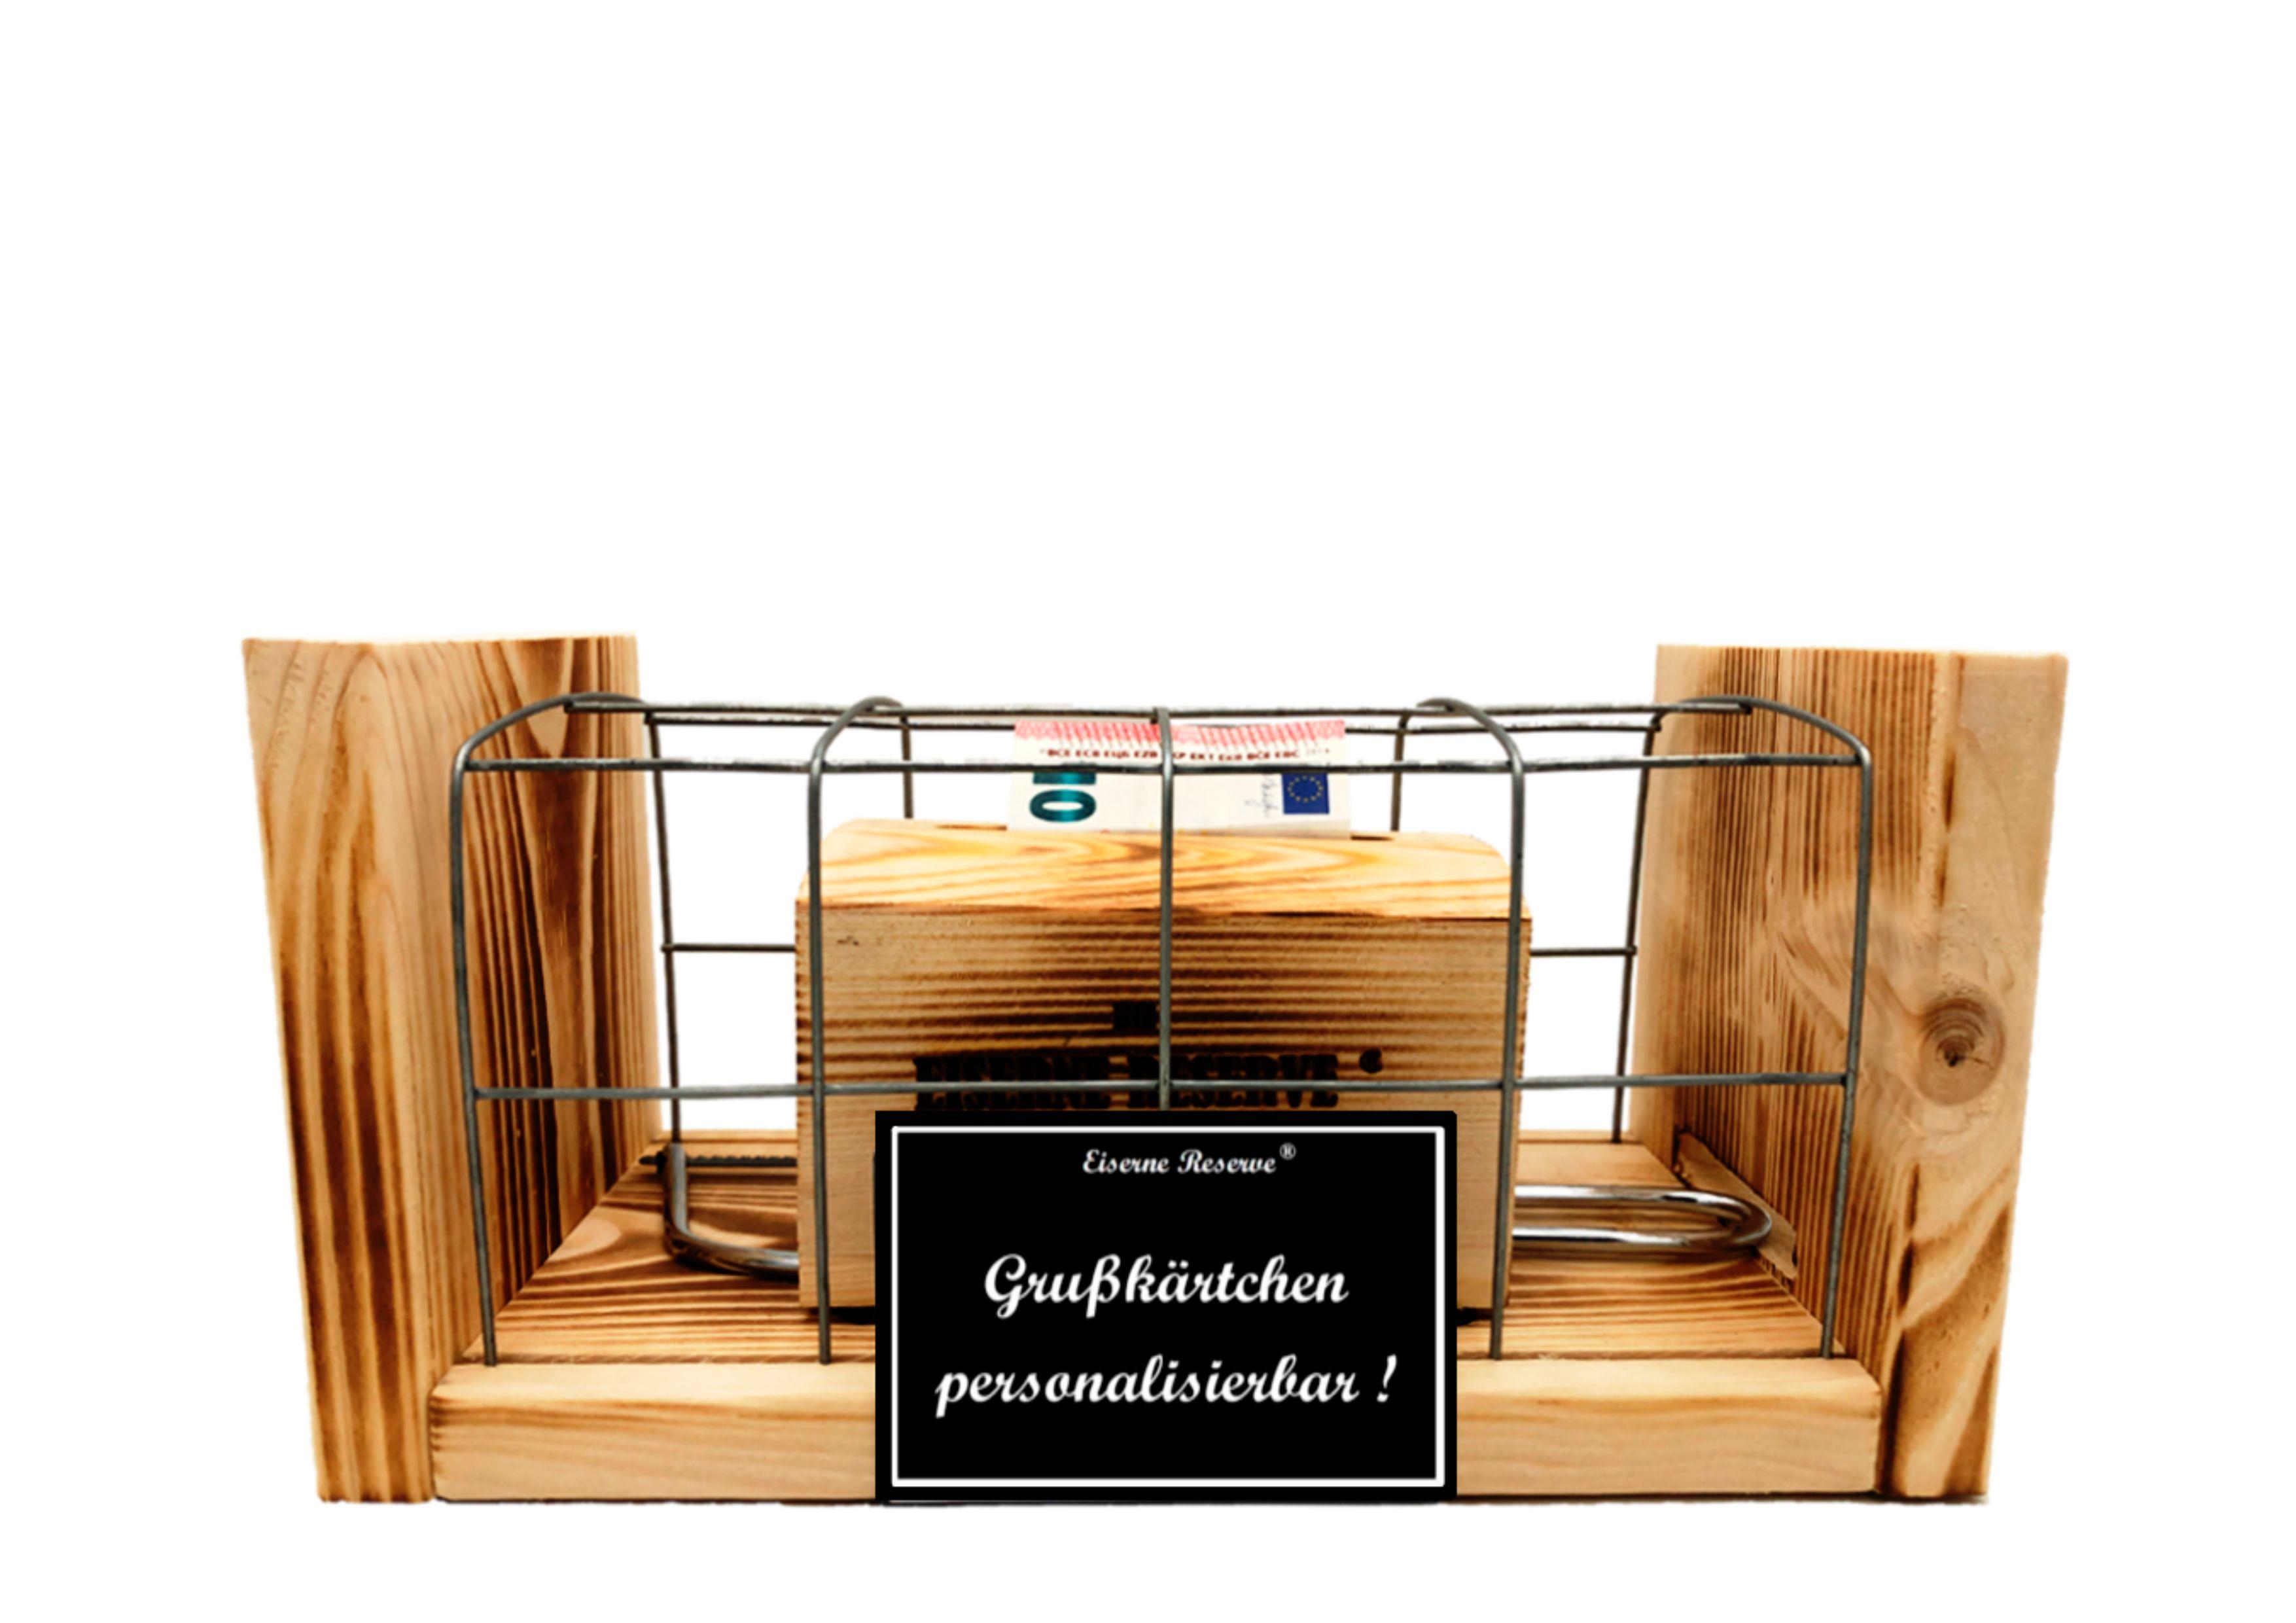 Personalisierbar  Eiserne Reserve ® Geldbox hinter Gitter Geldgeschenk